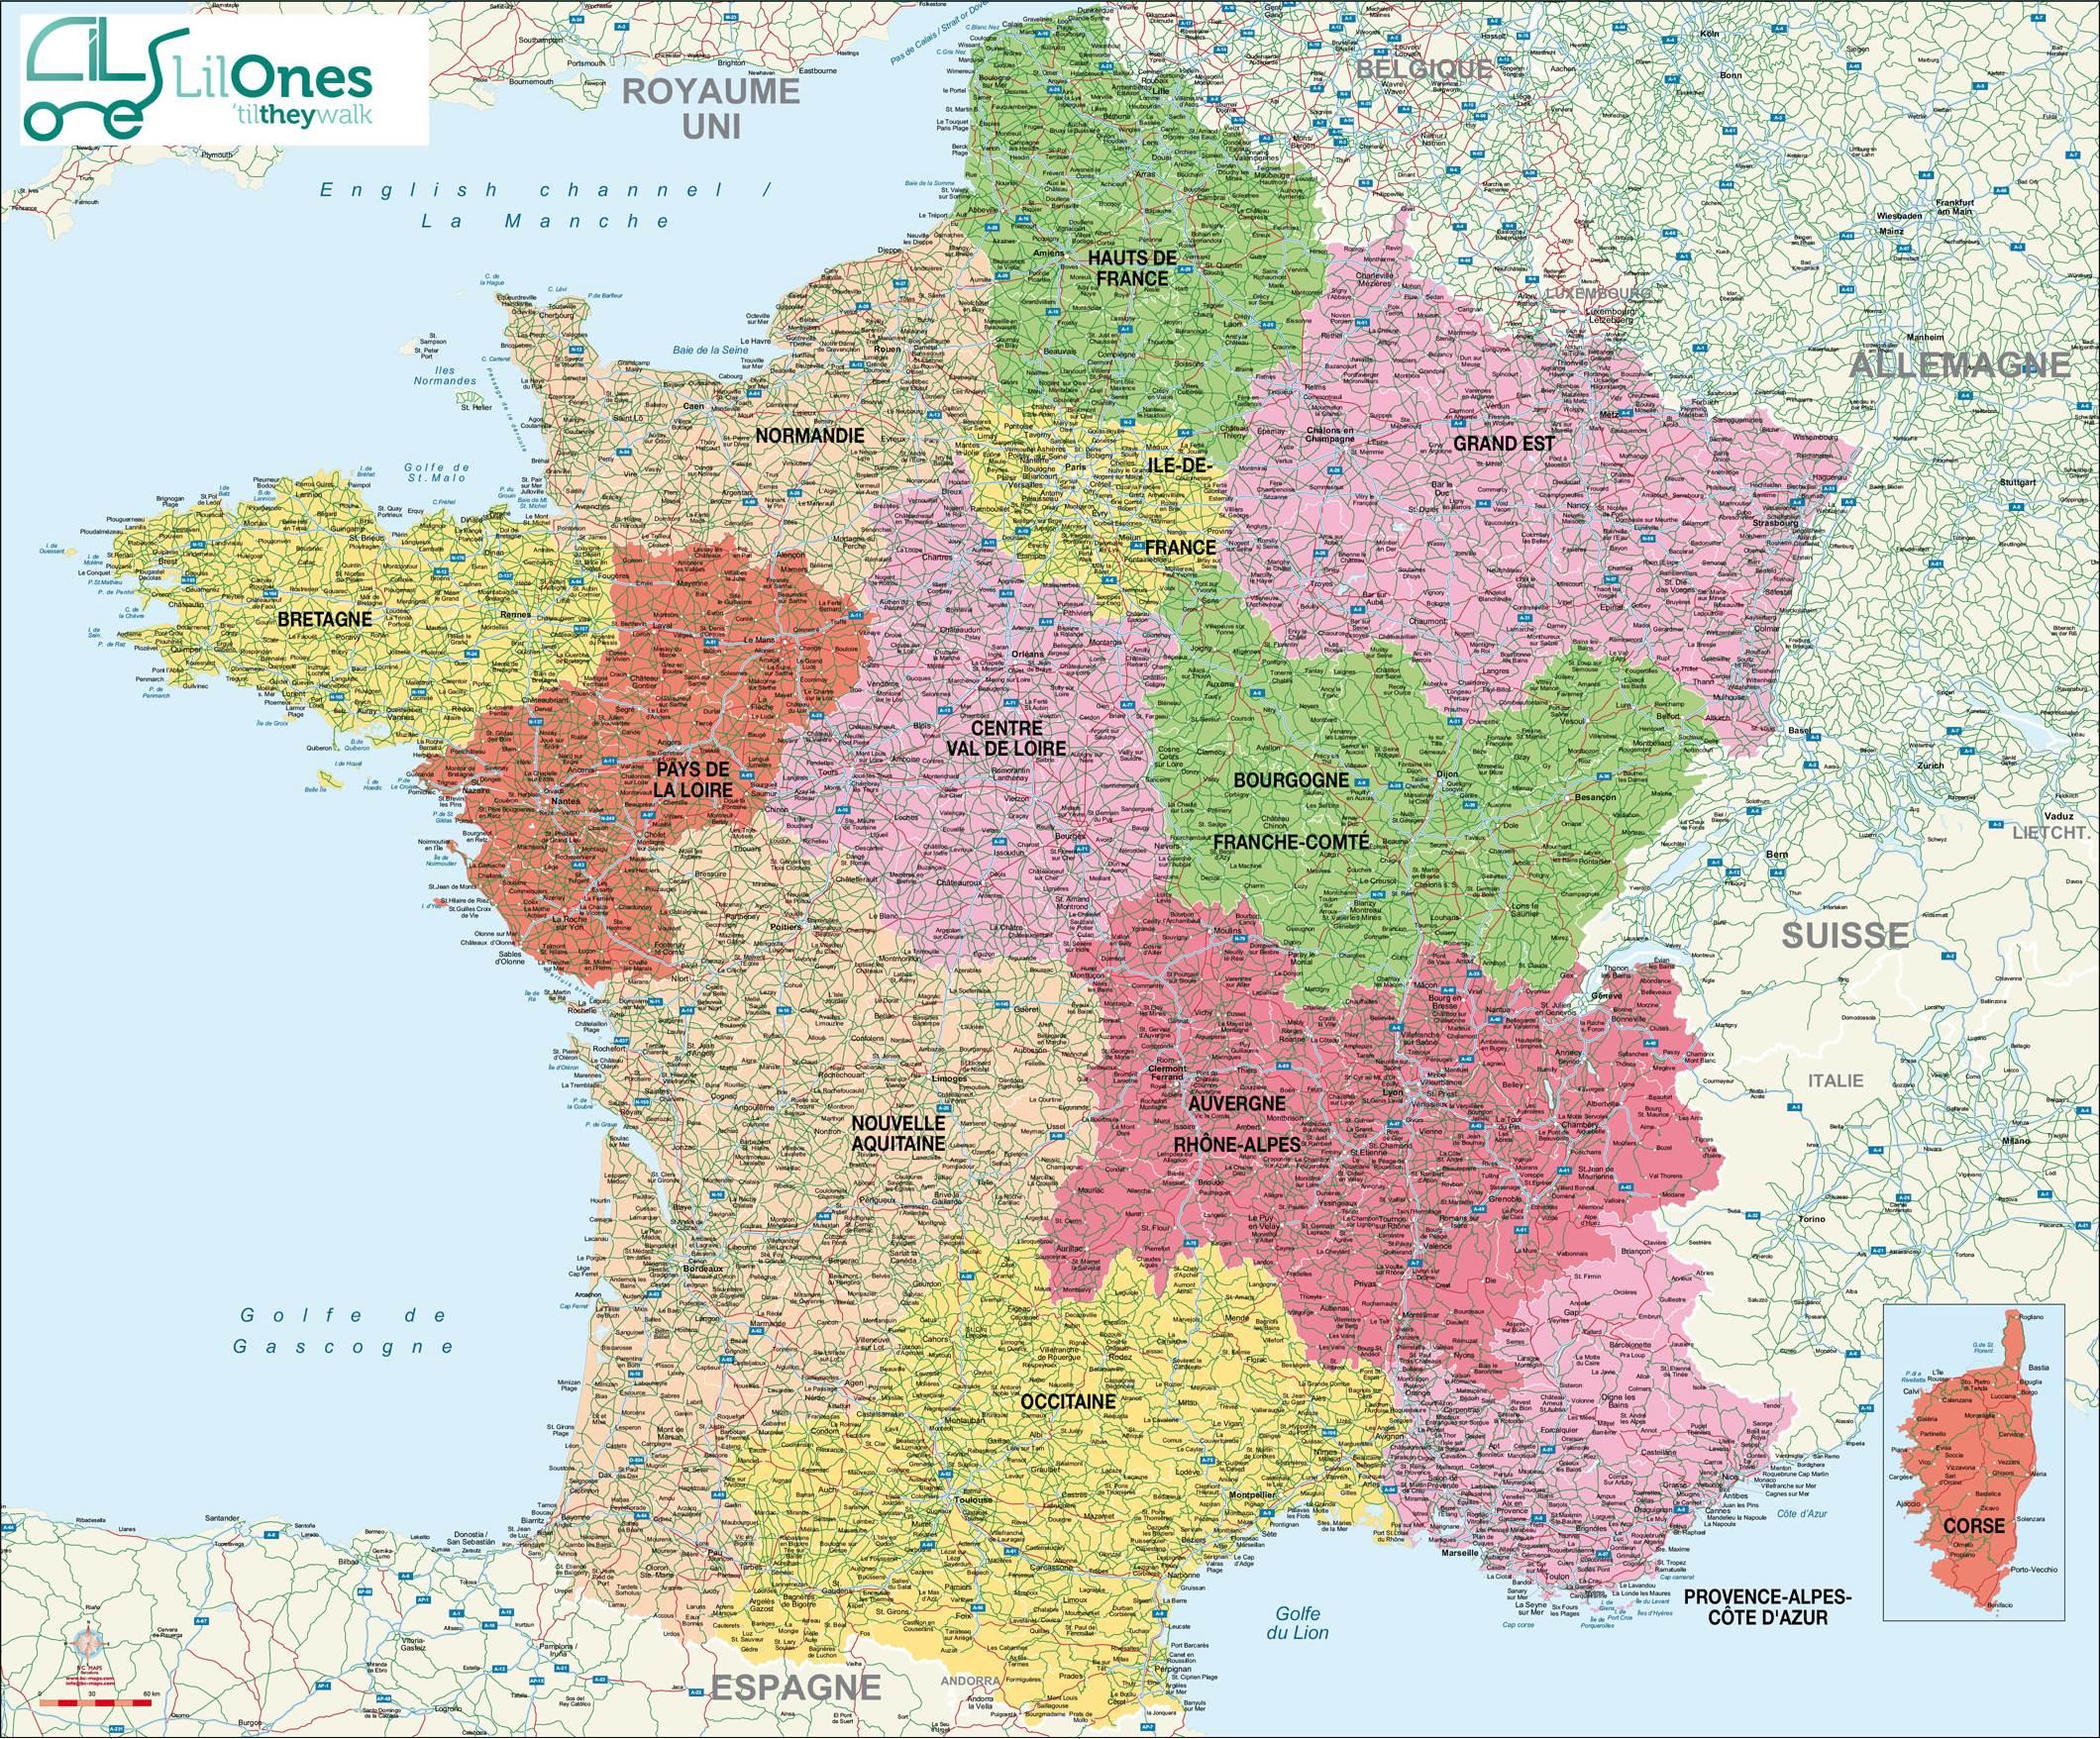 Carte France Villes : Carte Des Villes De France pour Carte Du Sud Est De La France Détaillée